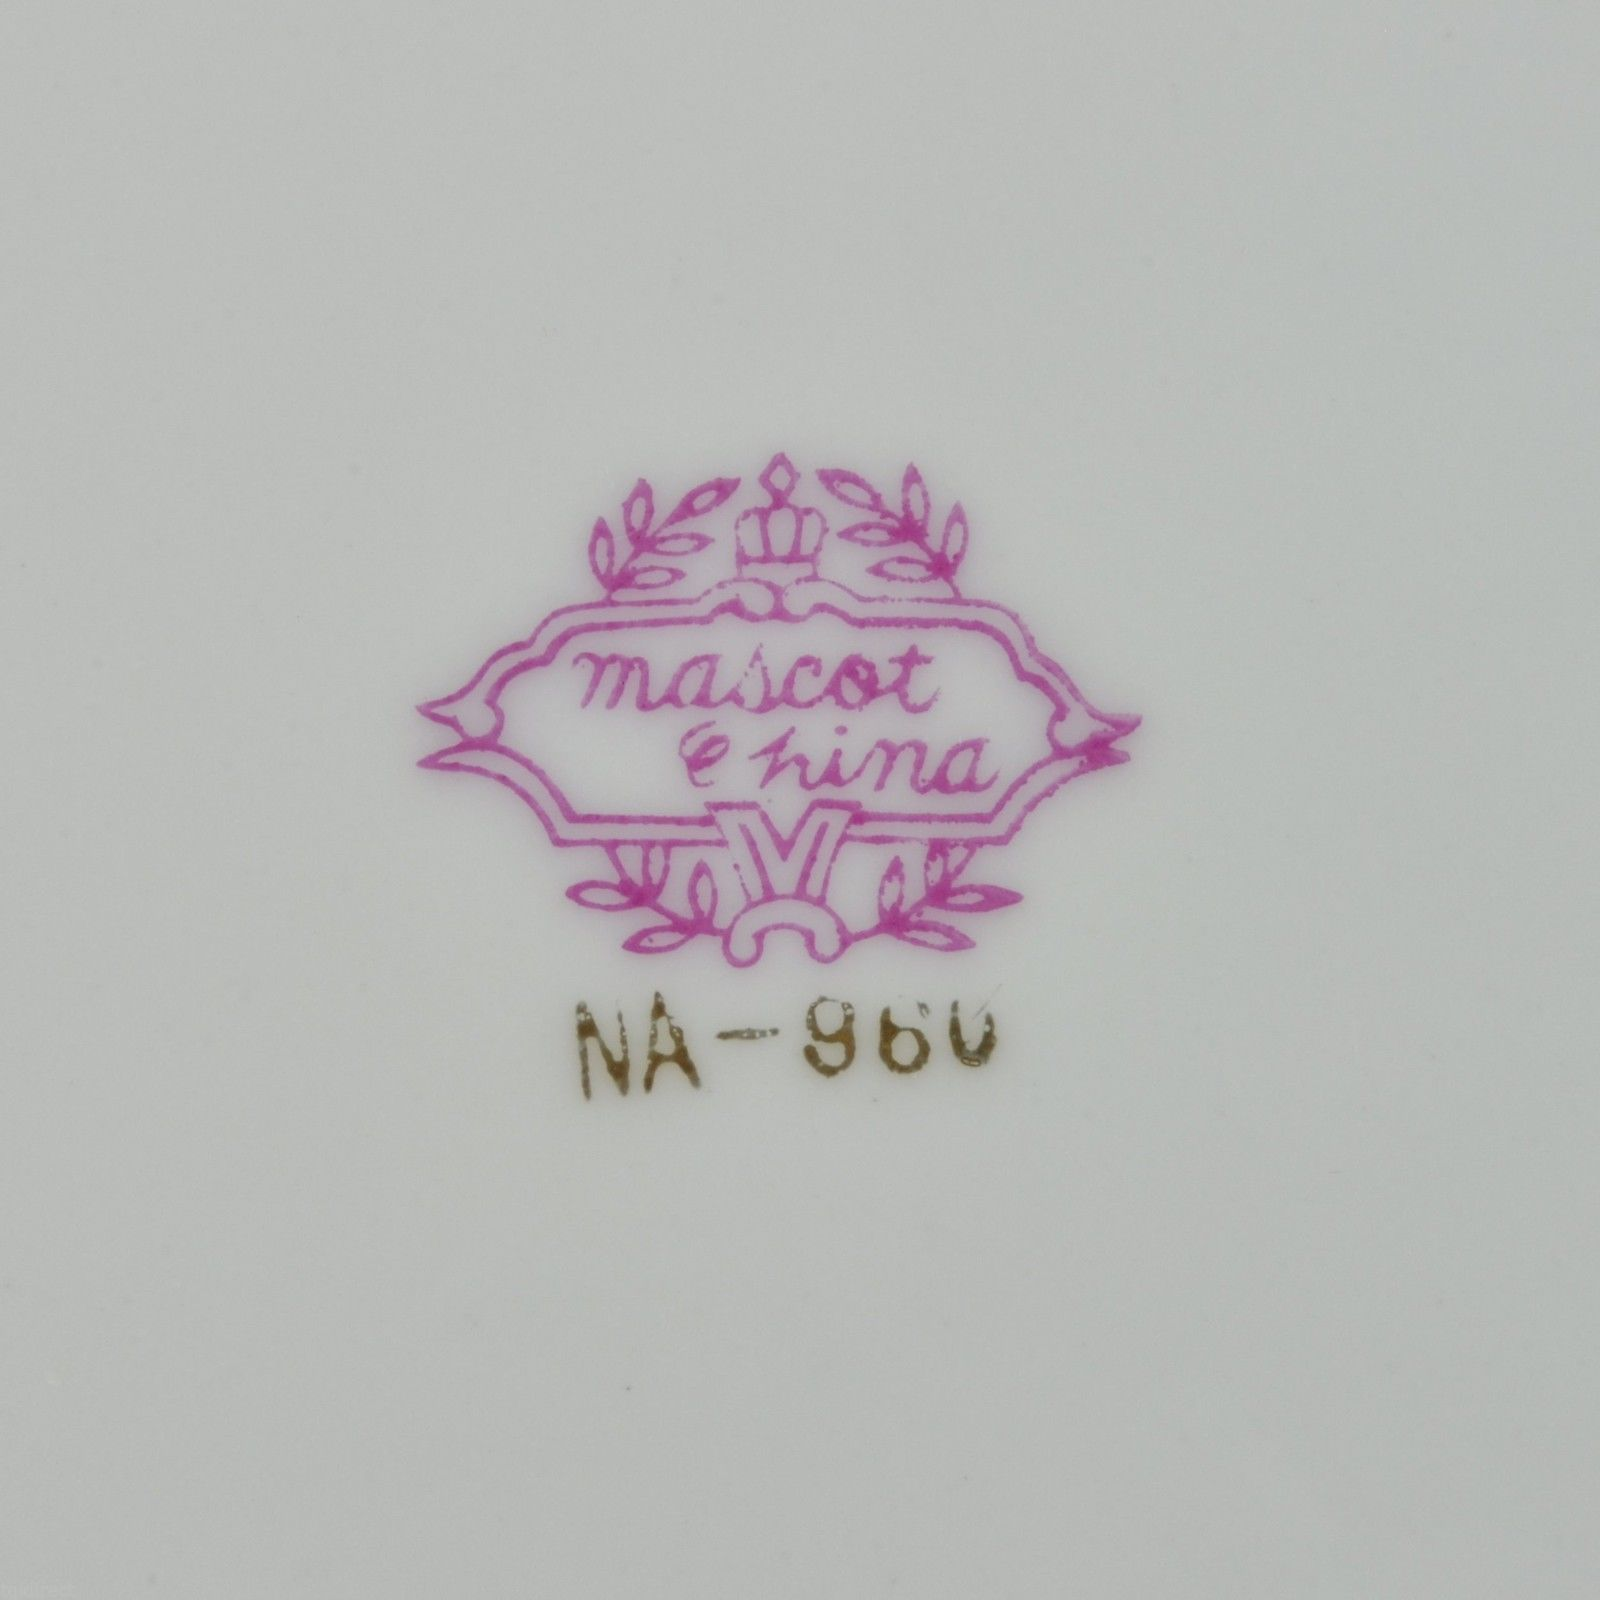 Mascot China NA-960 Pattern Salad Plate Yellow Pink Swirl Stripe Tableware Gold